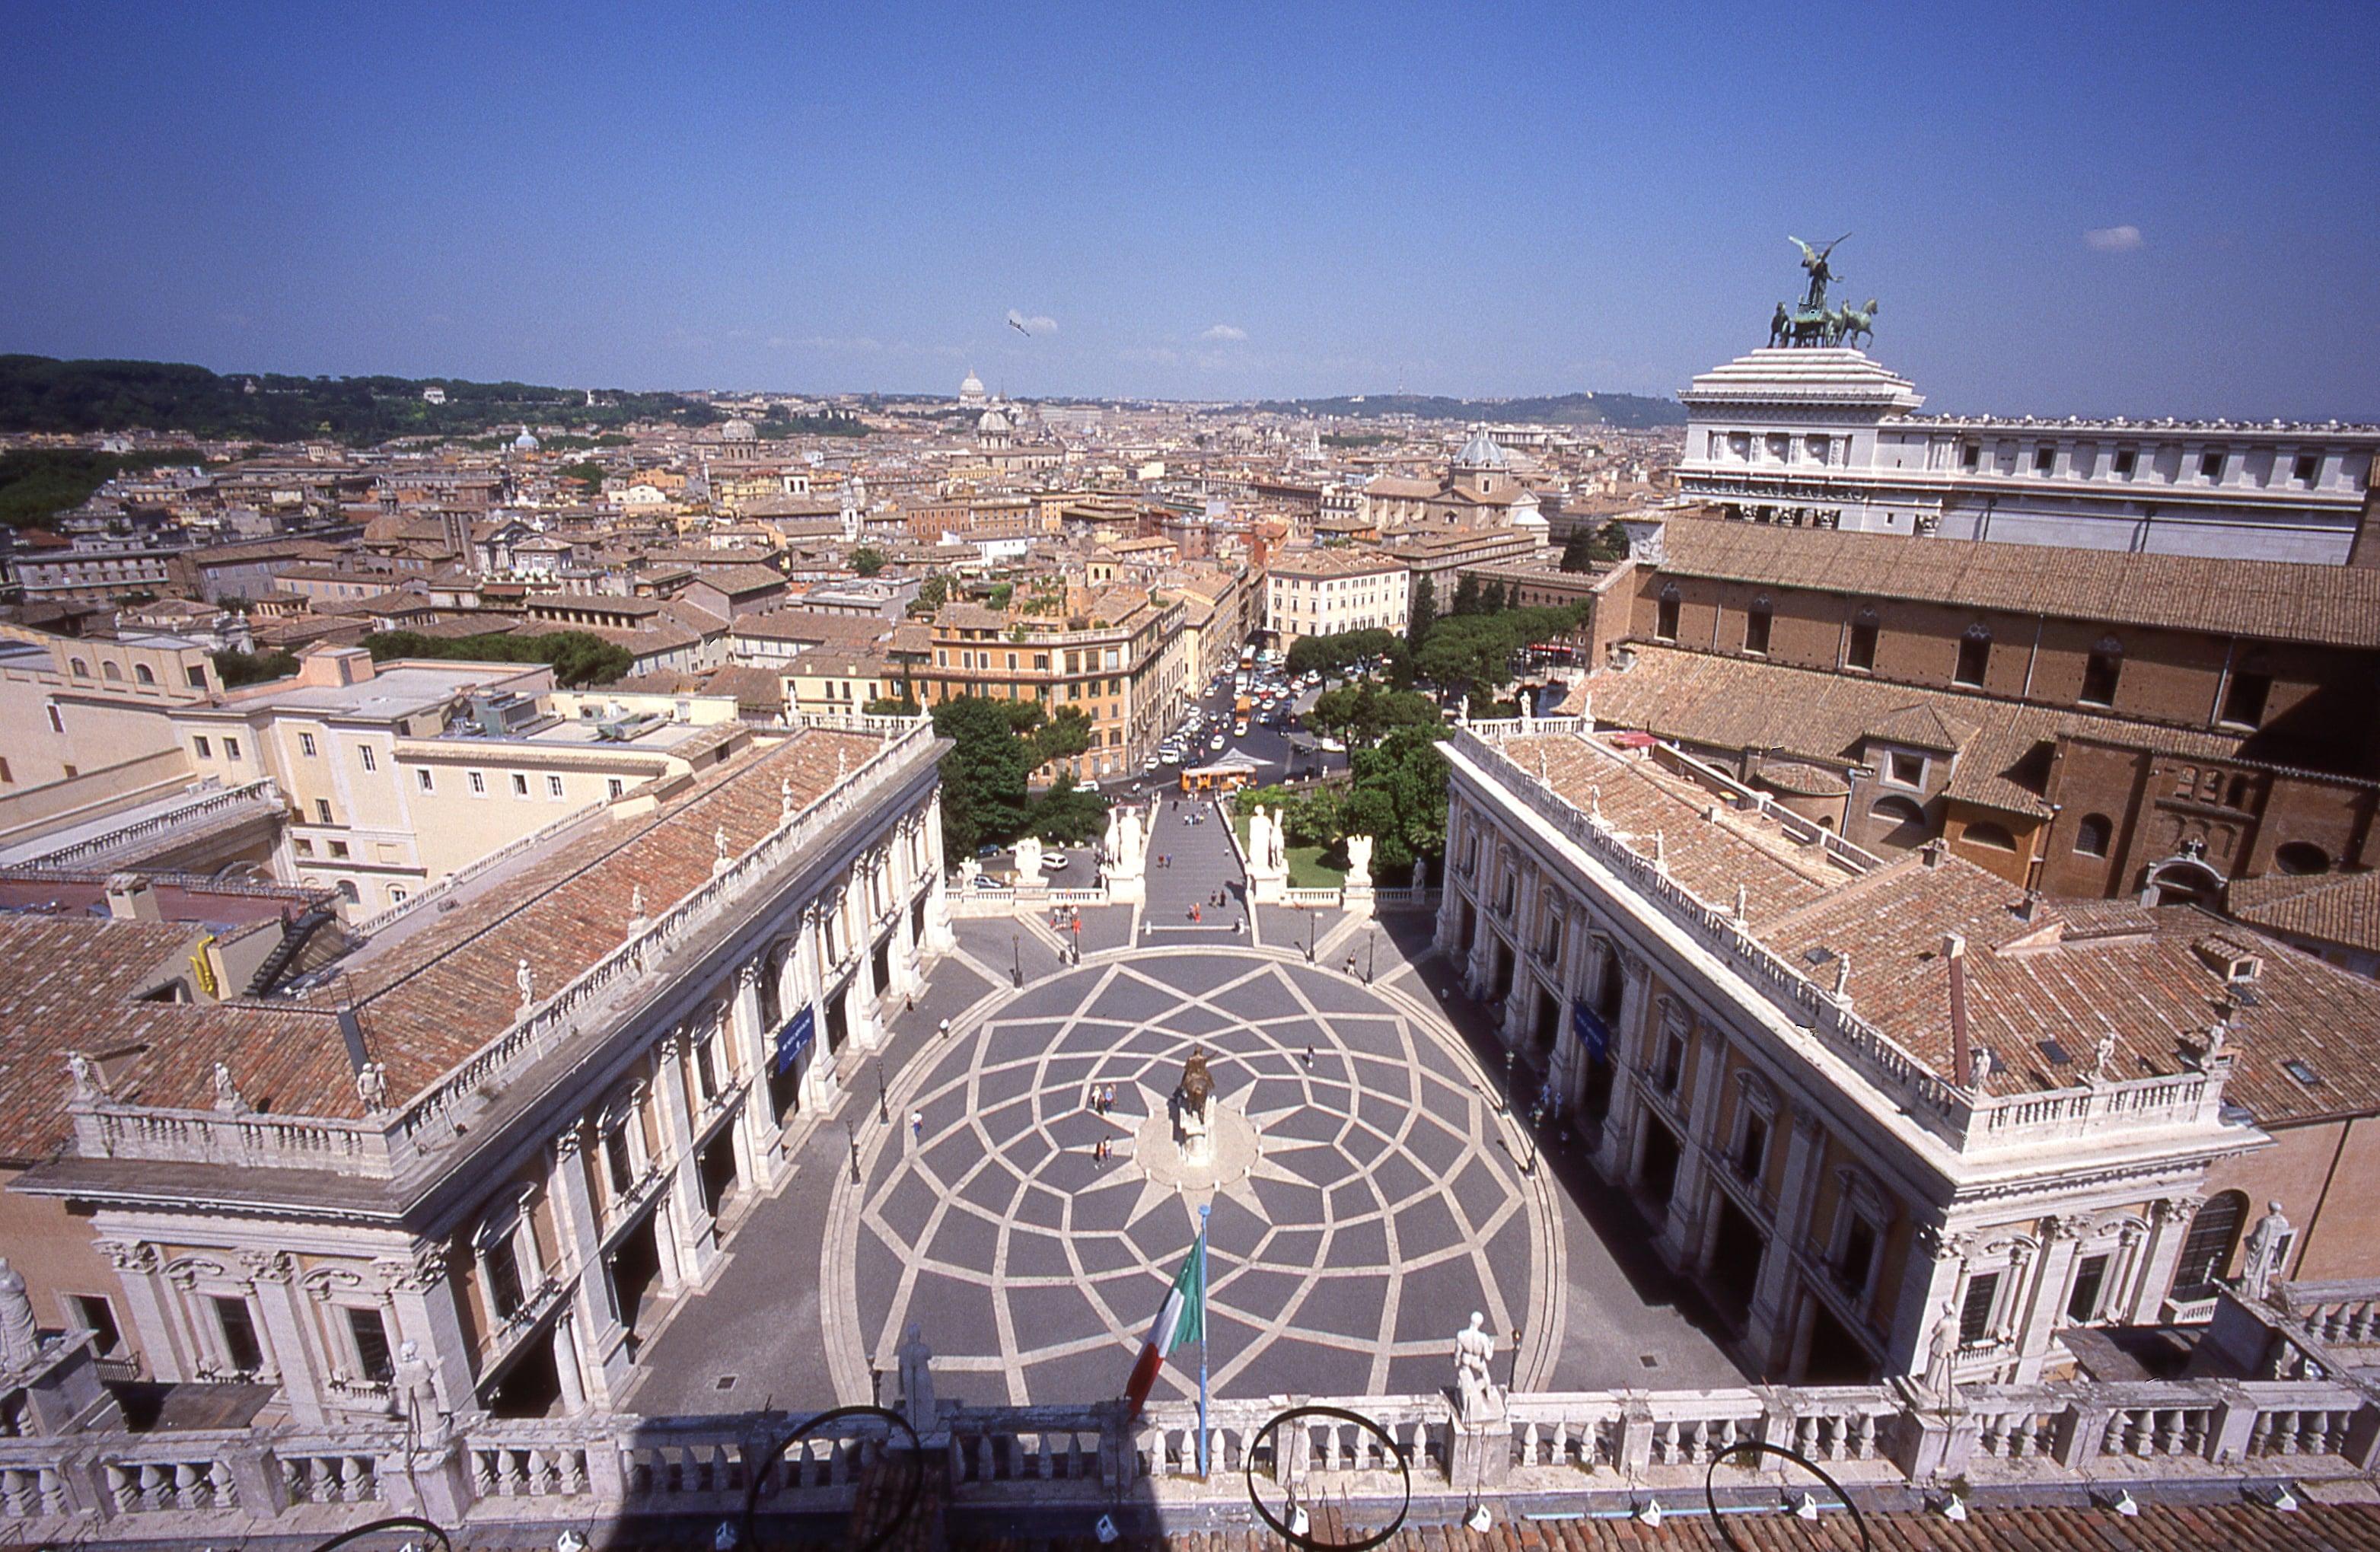 Điểm tin thời trang: Gucci sẽ mang BST Cruise 2020 trở lại Rome